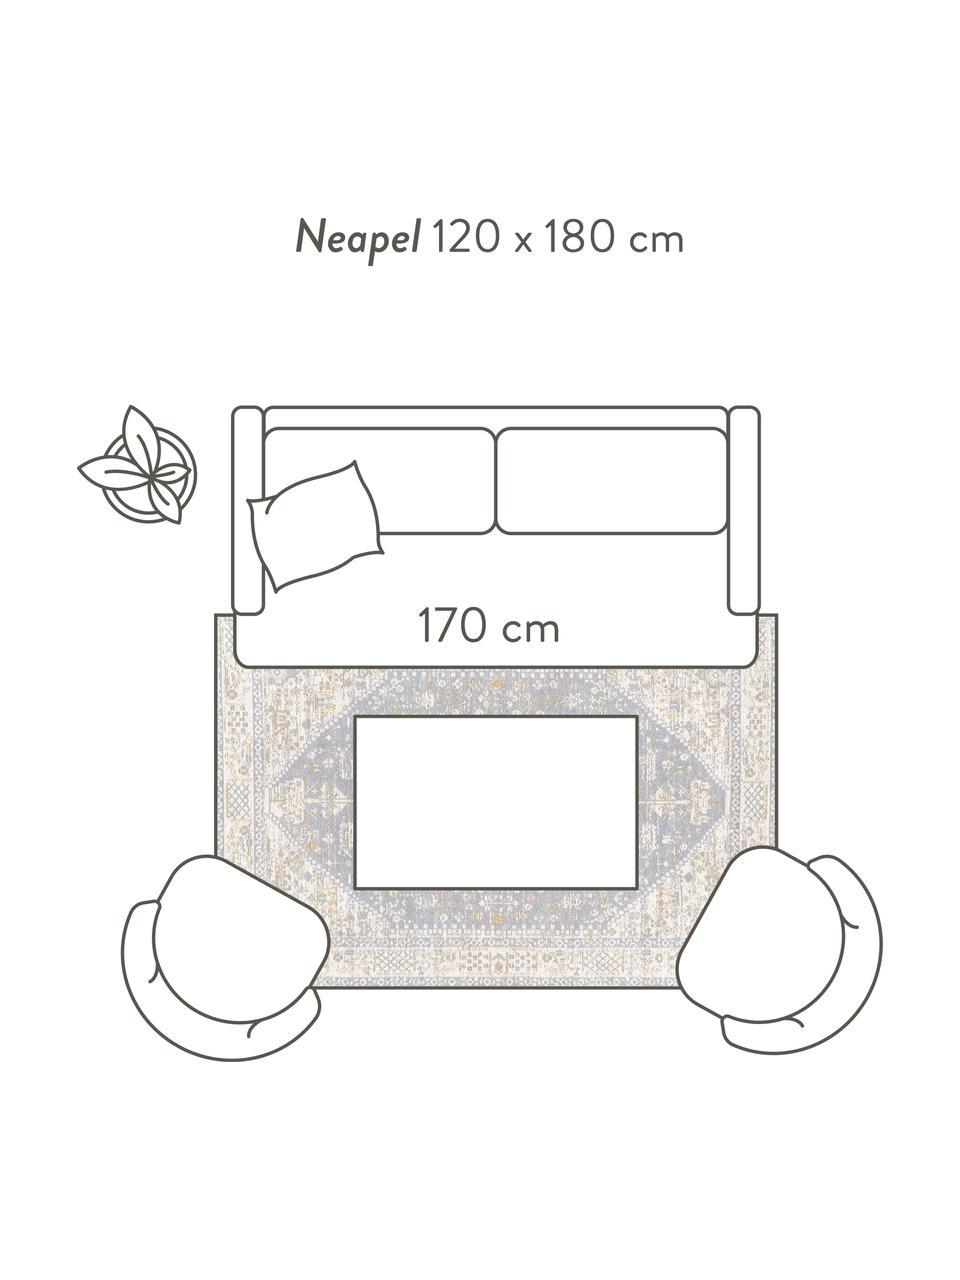 Ręcznie tkany dywan szenilowy w stylu vintage Neapel, Szaroniebieski, kremowy, taupe, S 120 x D 180 cm (Rozmiar S)